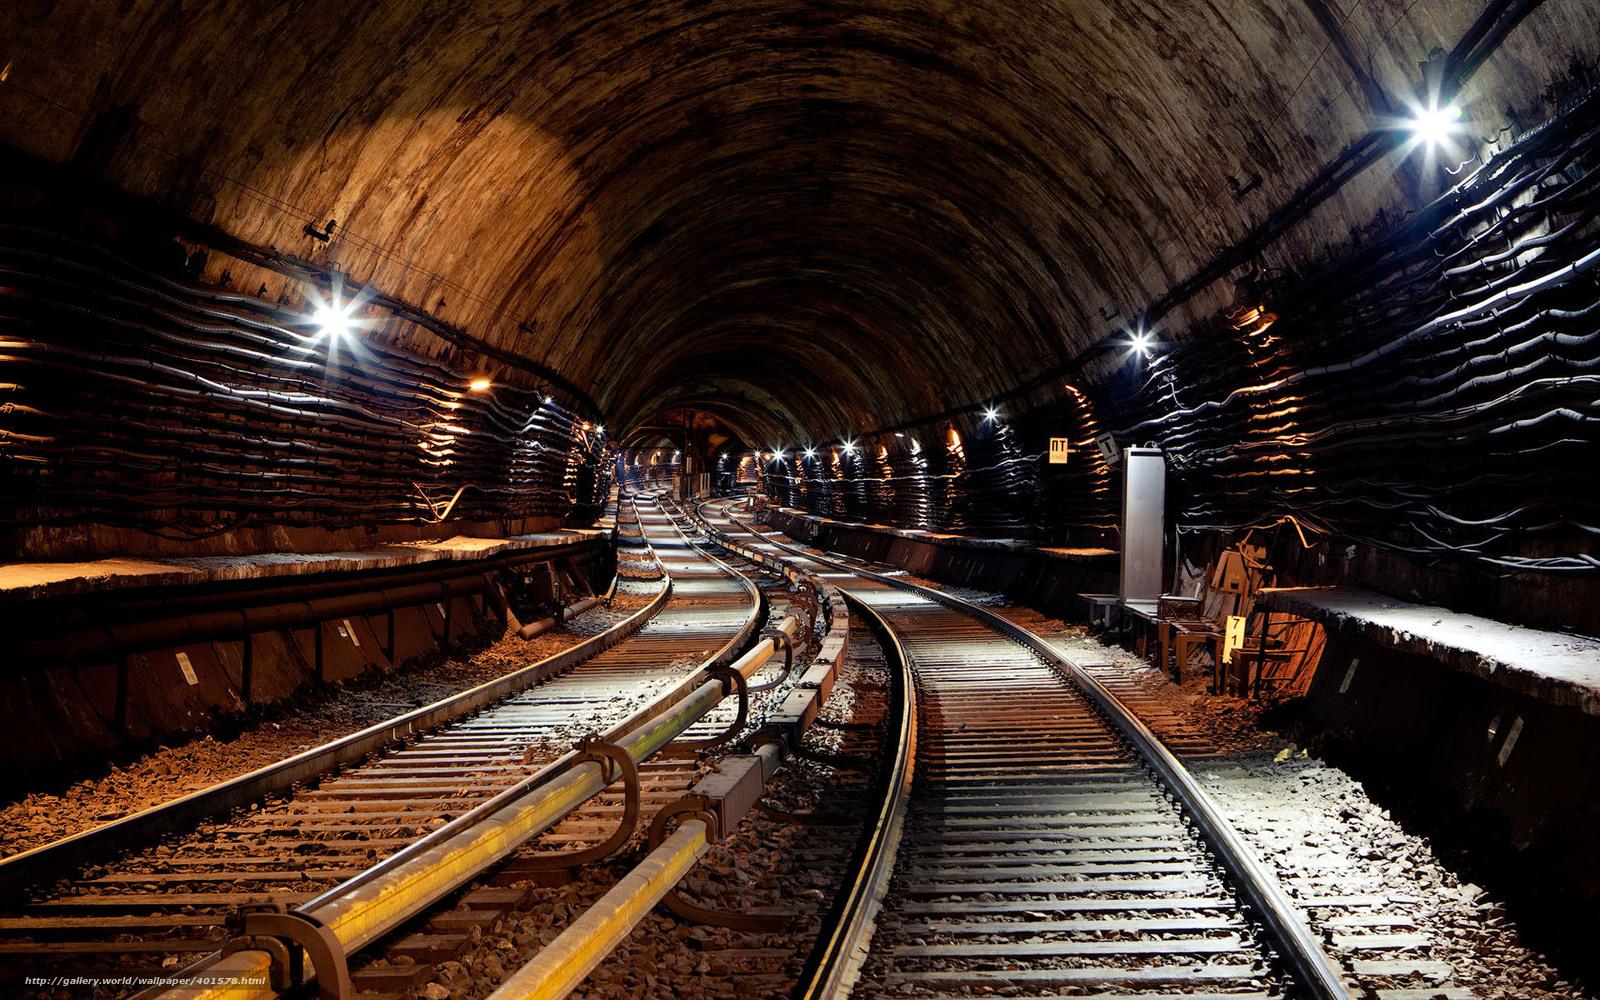 Традиционно: Никаких взрывчатых веществ на станциях метро не найдено